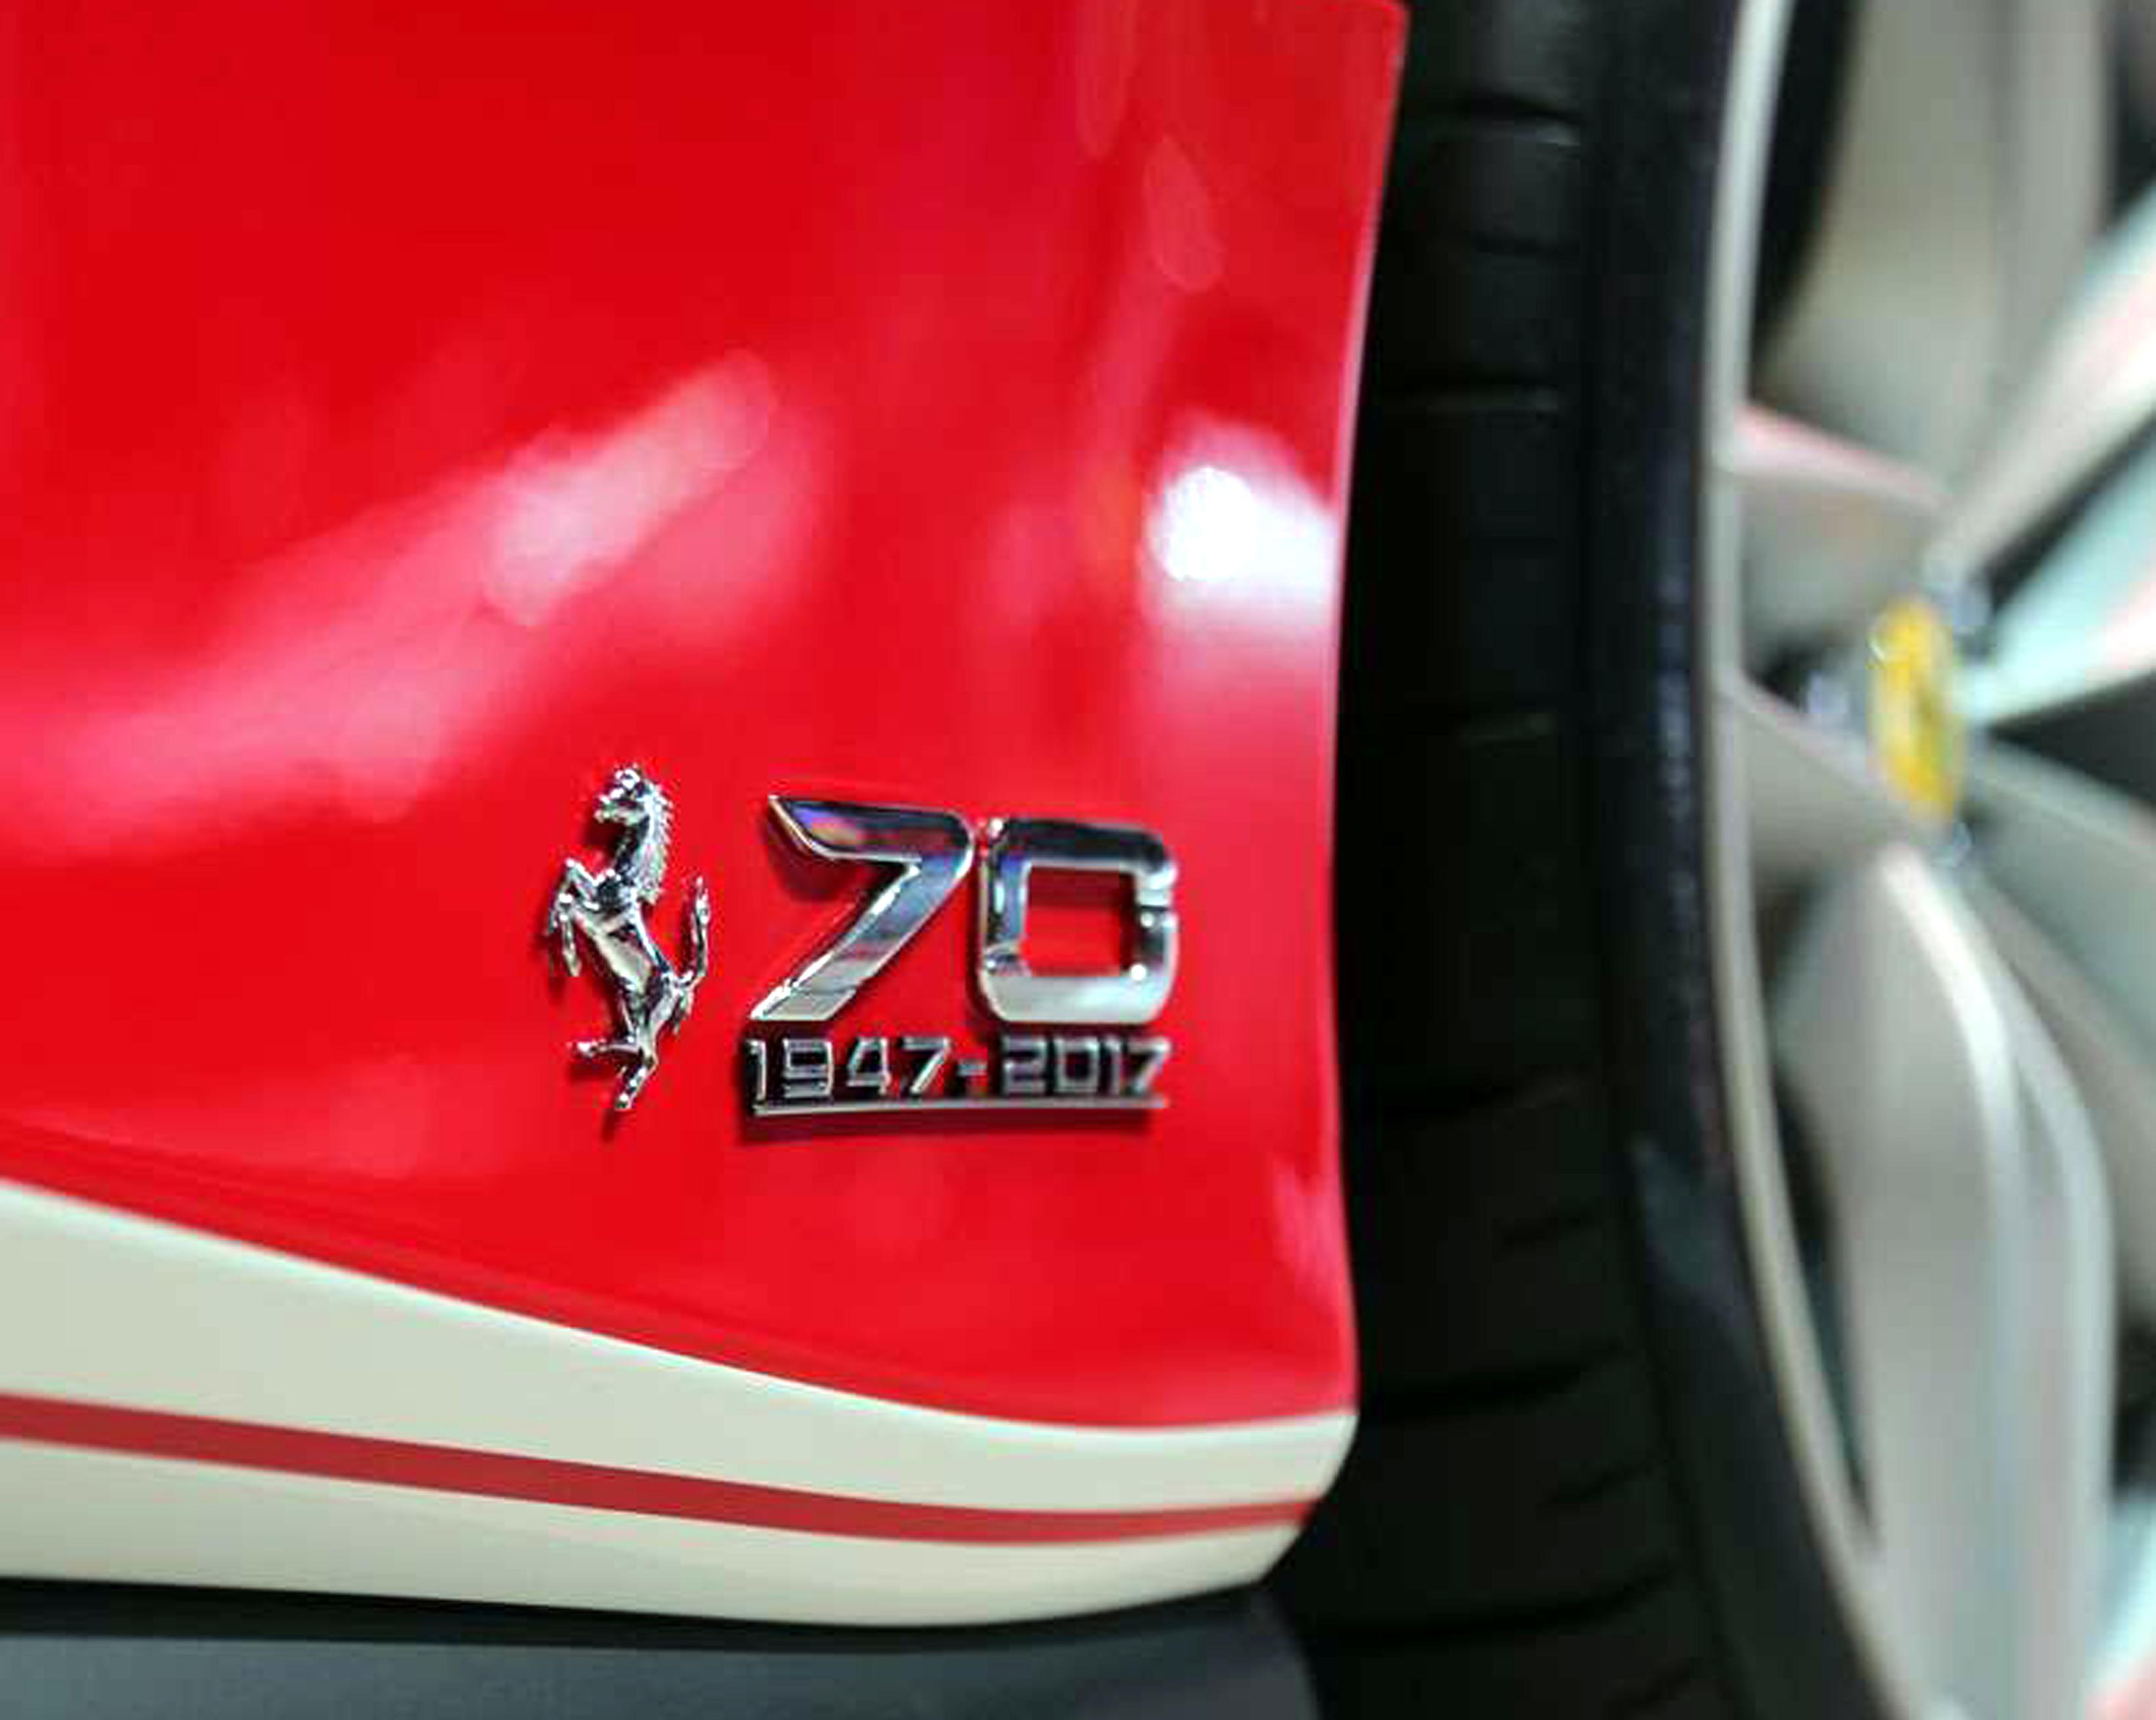 4c6e6e165f Ferrari: 1947-2017 - I 70 anni del mito